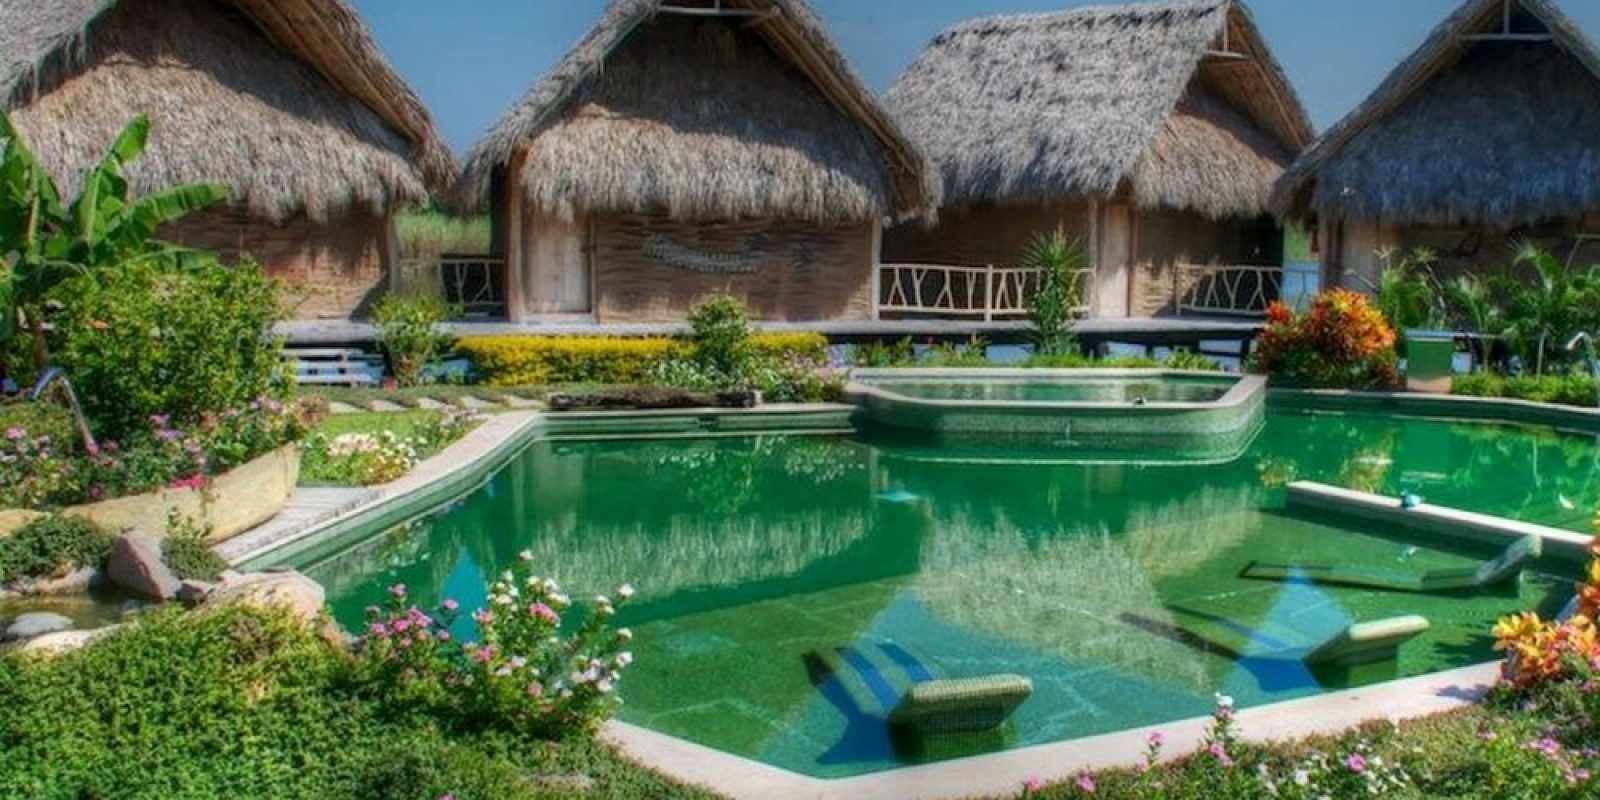 . Imagen Por: Vía tripadvisor.com